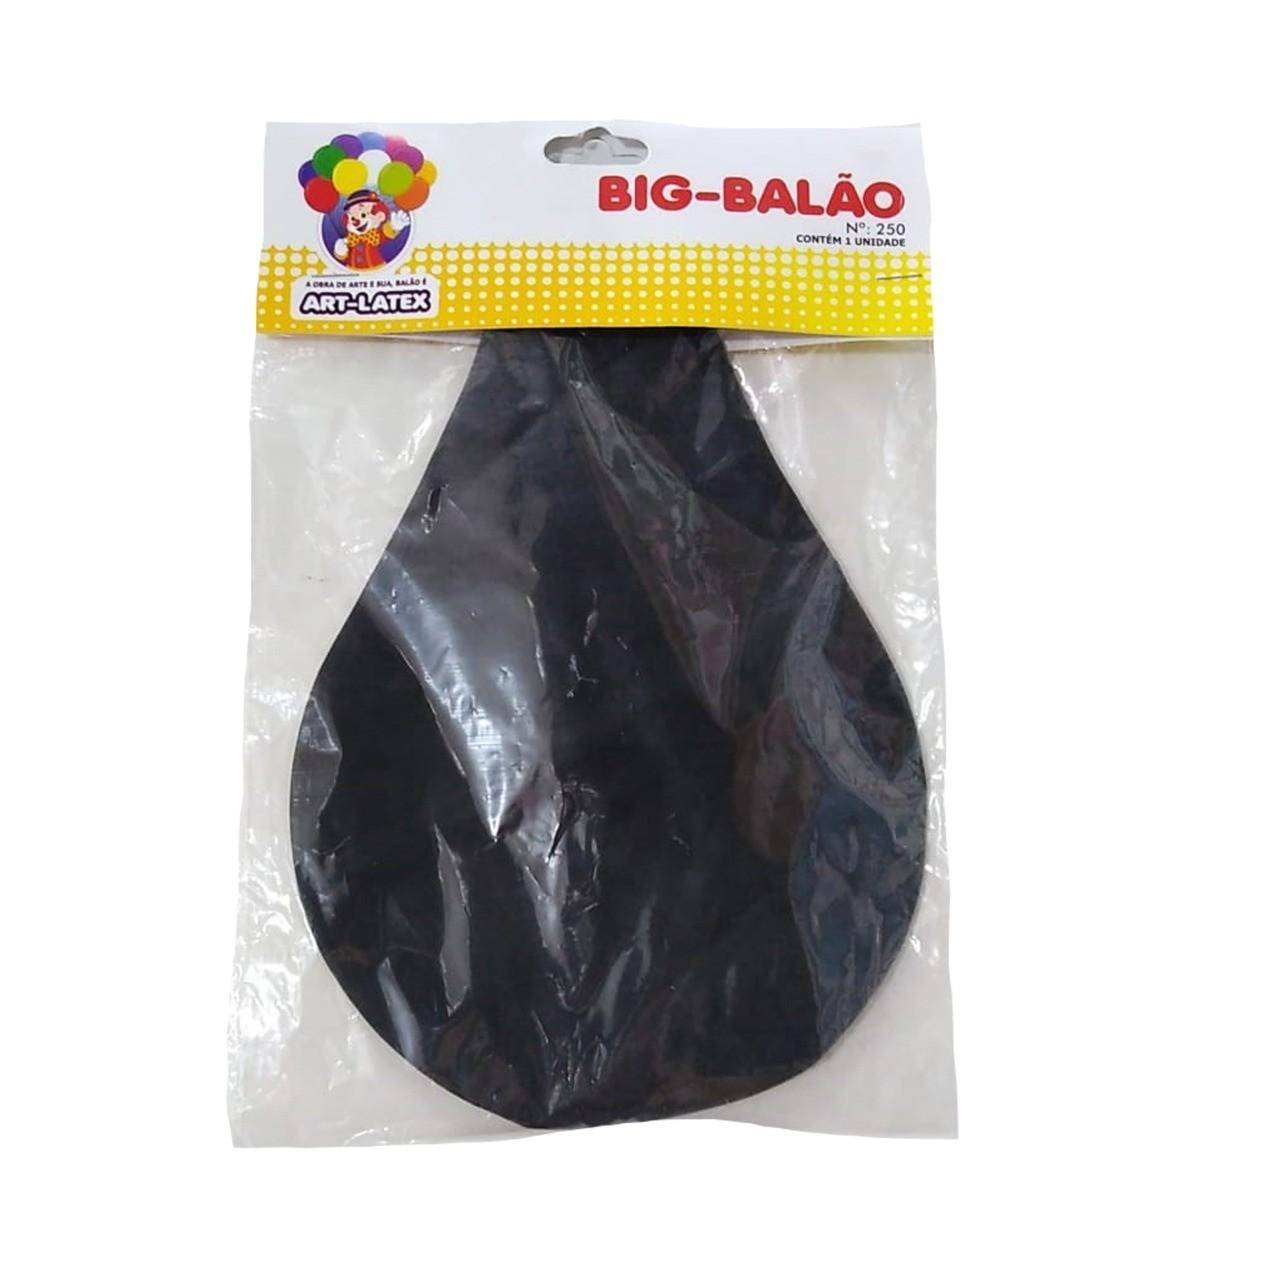 BALÃO LATEX BIG BALÃO PRETO - 1 UNIDADE